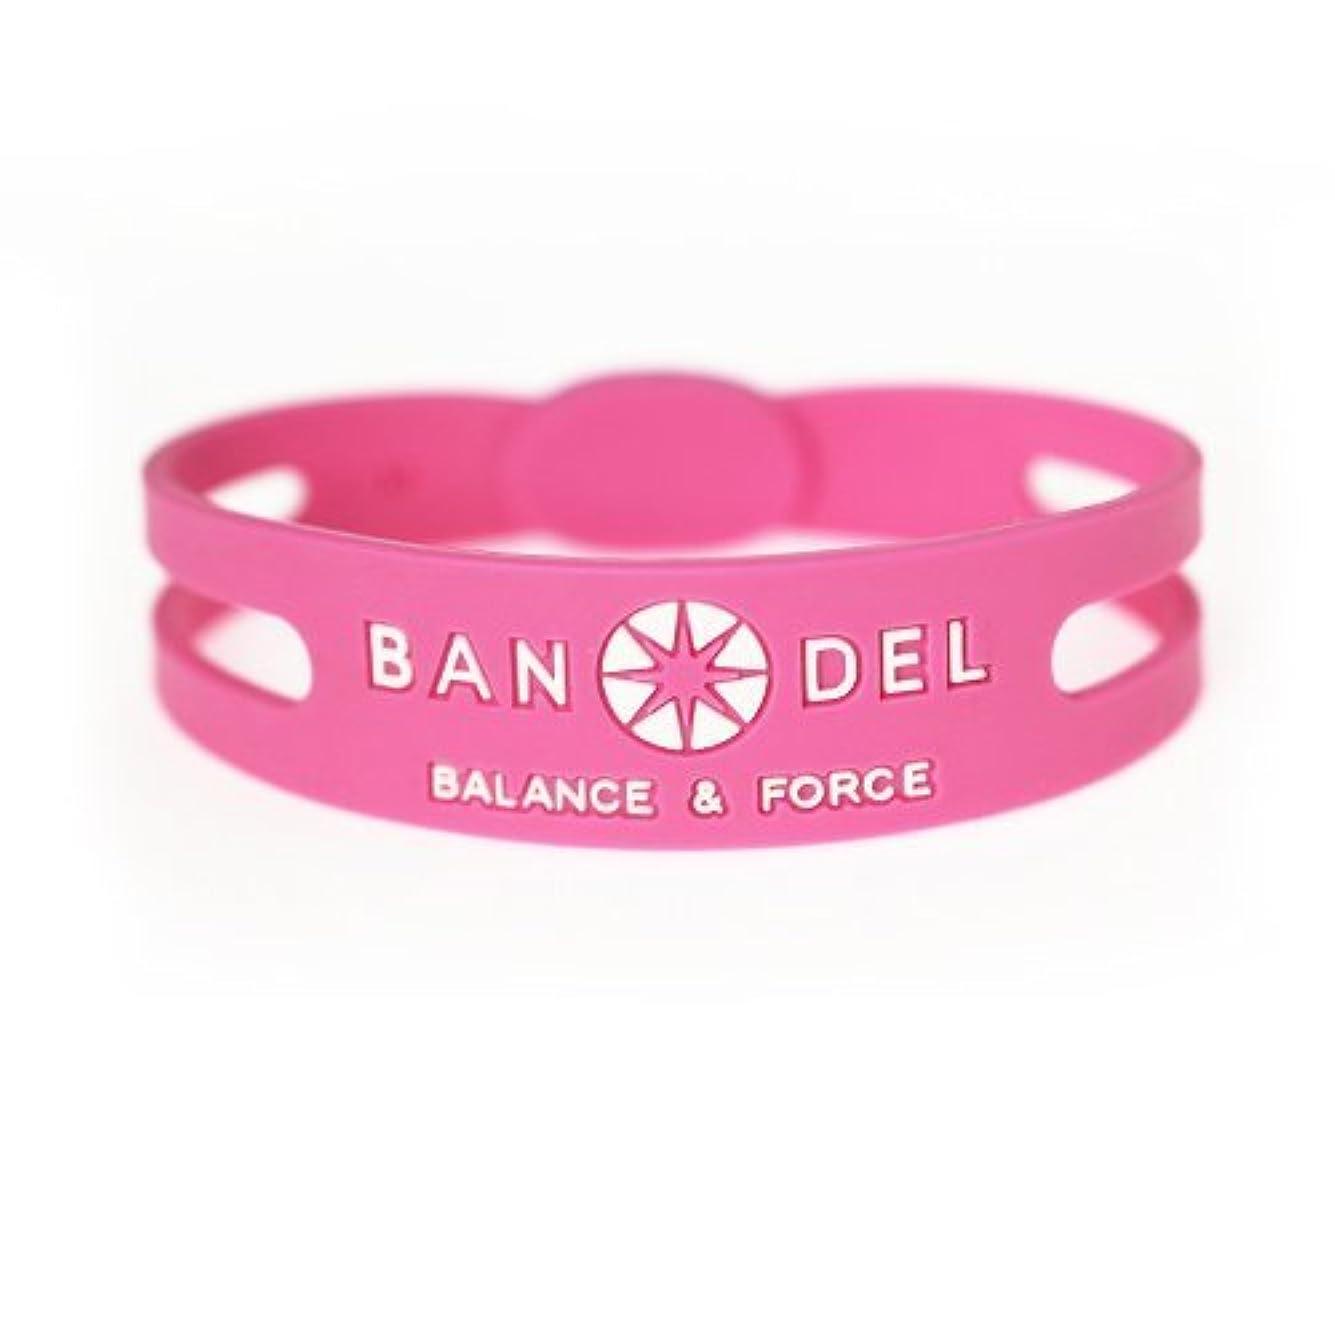 スリップシューズ教師の日ノベルティバンデル(BANDEL) シリコン ブレスレット (ピンク×ホワイト) Lサイズ